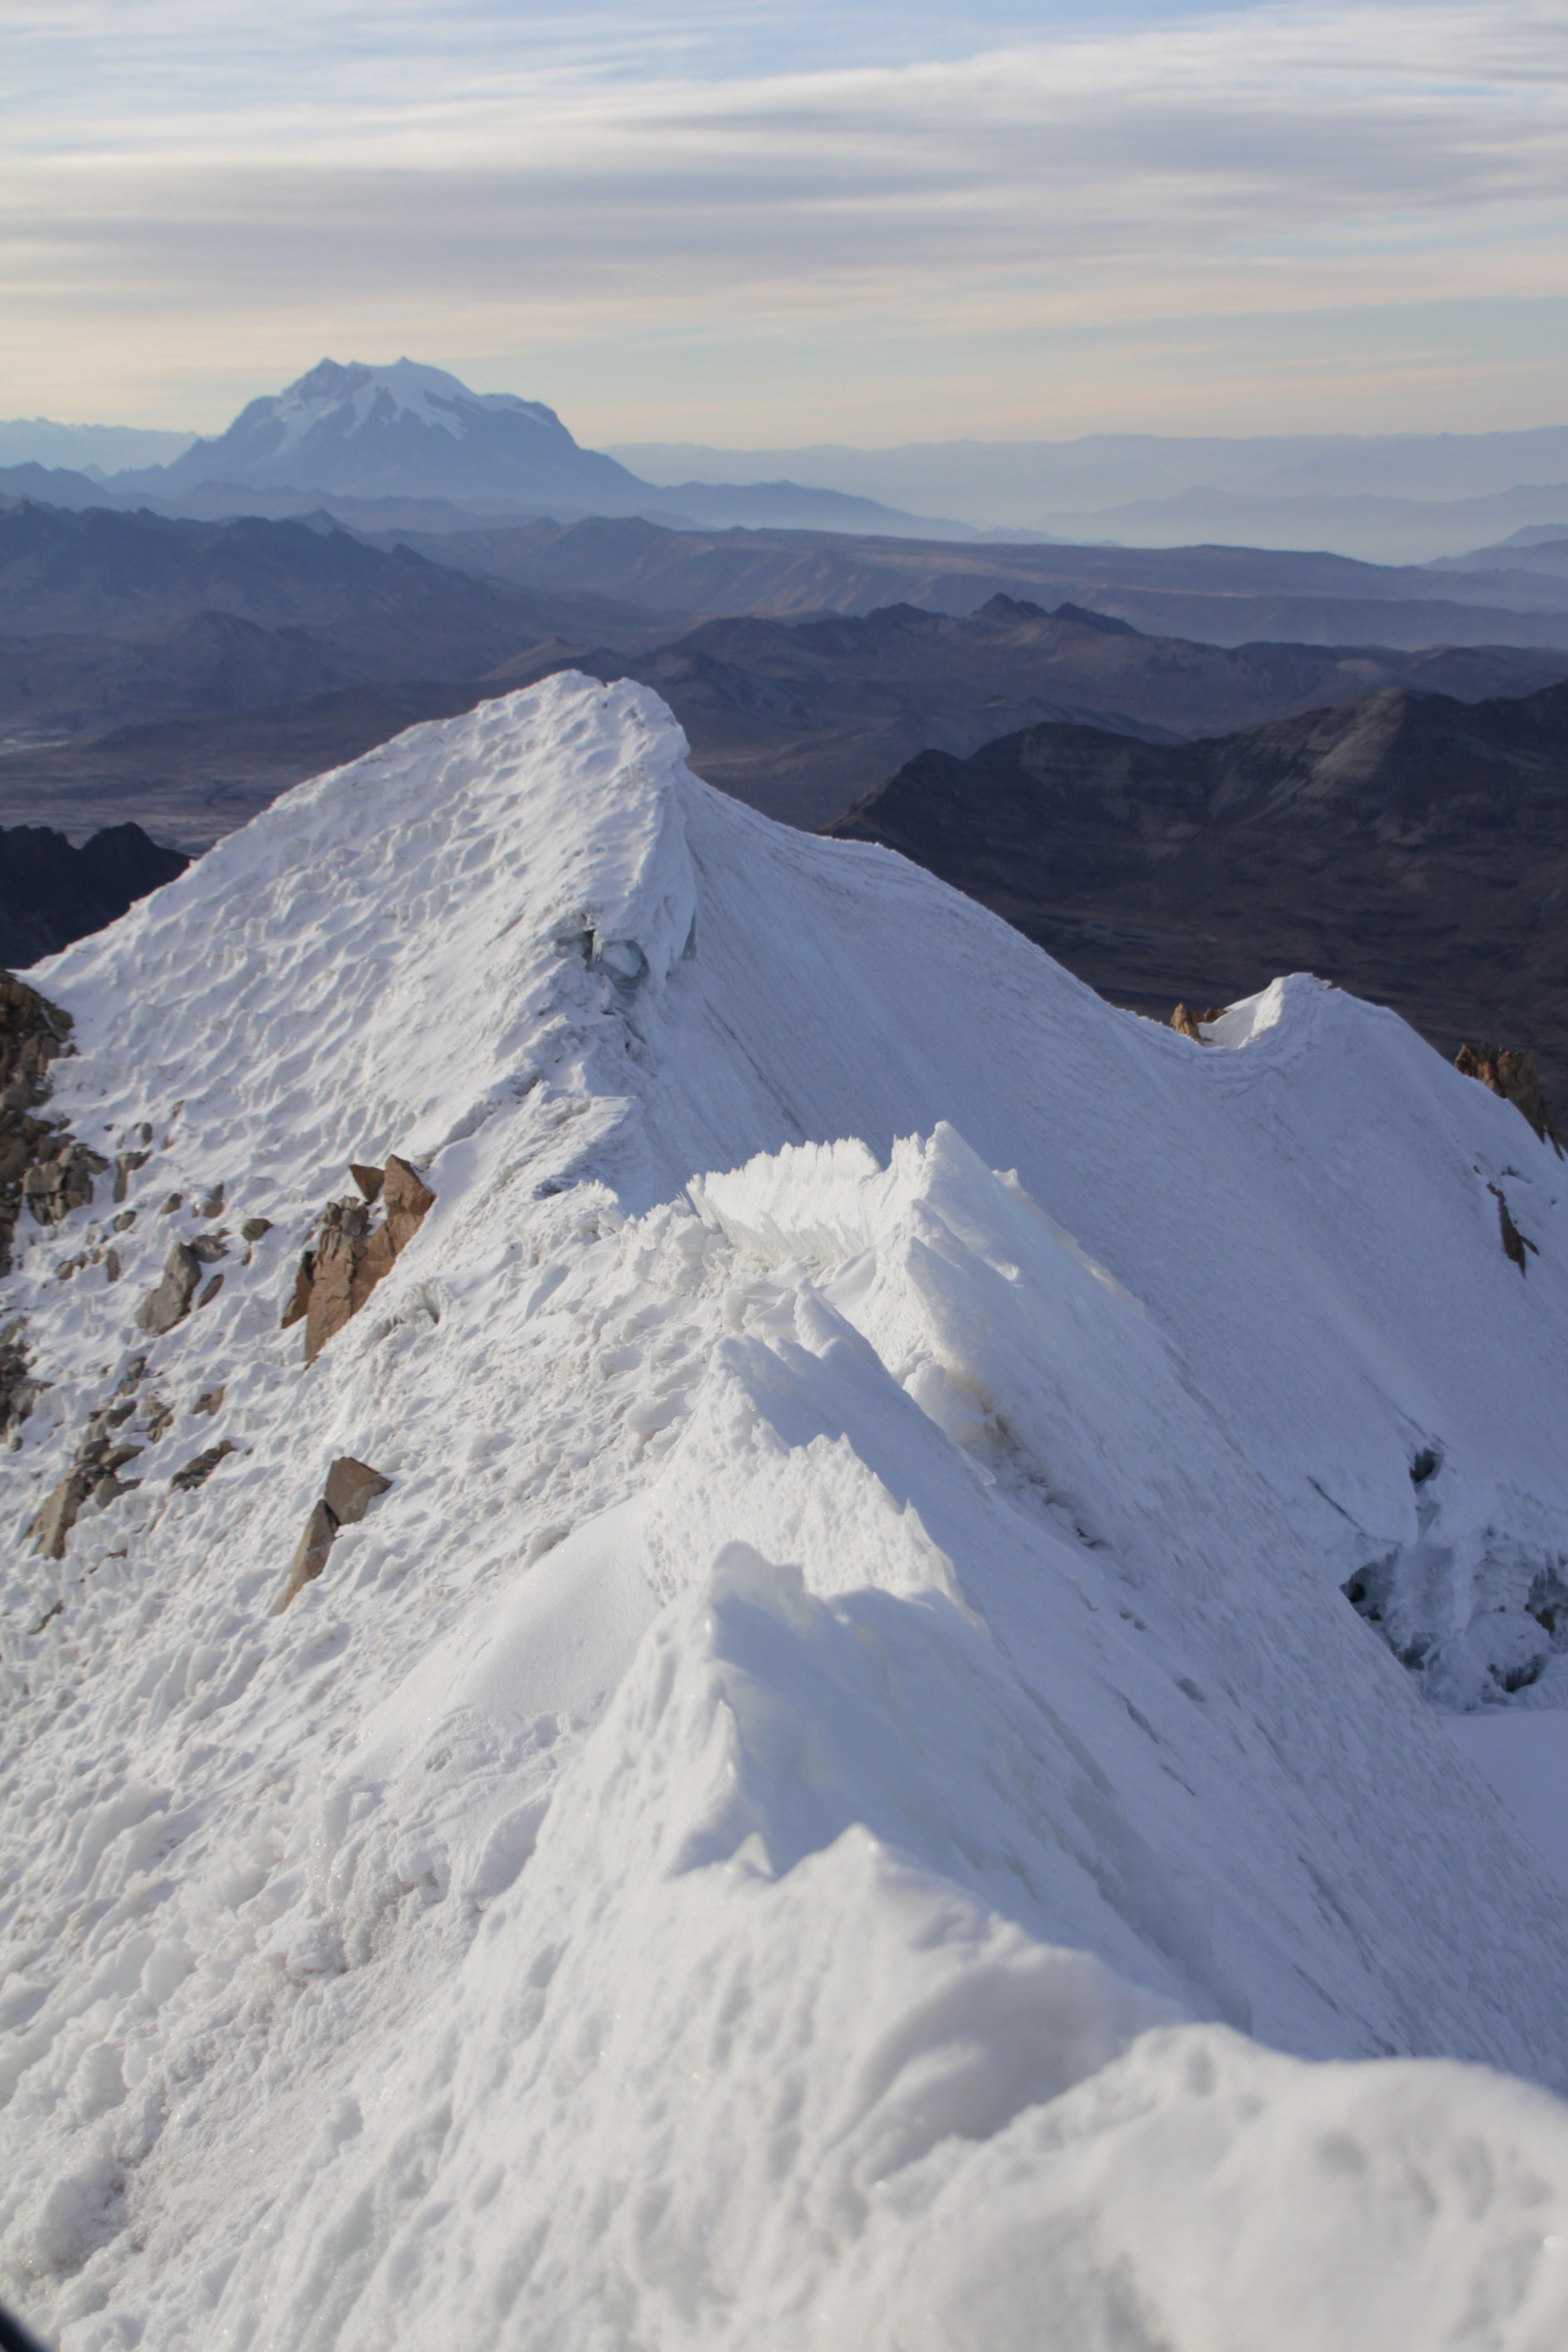 Au sommet, avec en toile de fond un autre géant andin, l'Illimani (© Jérôme Decoster).